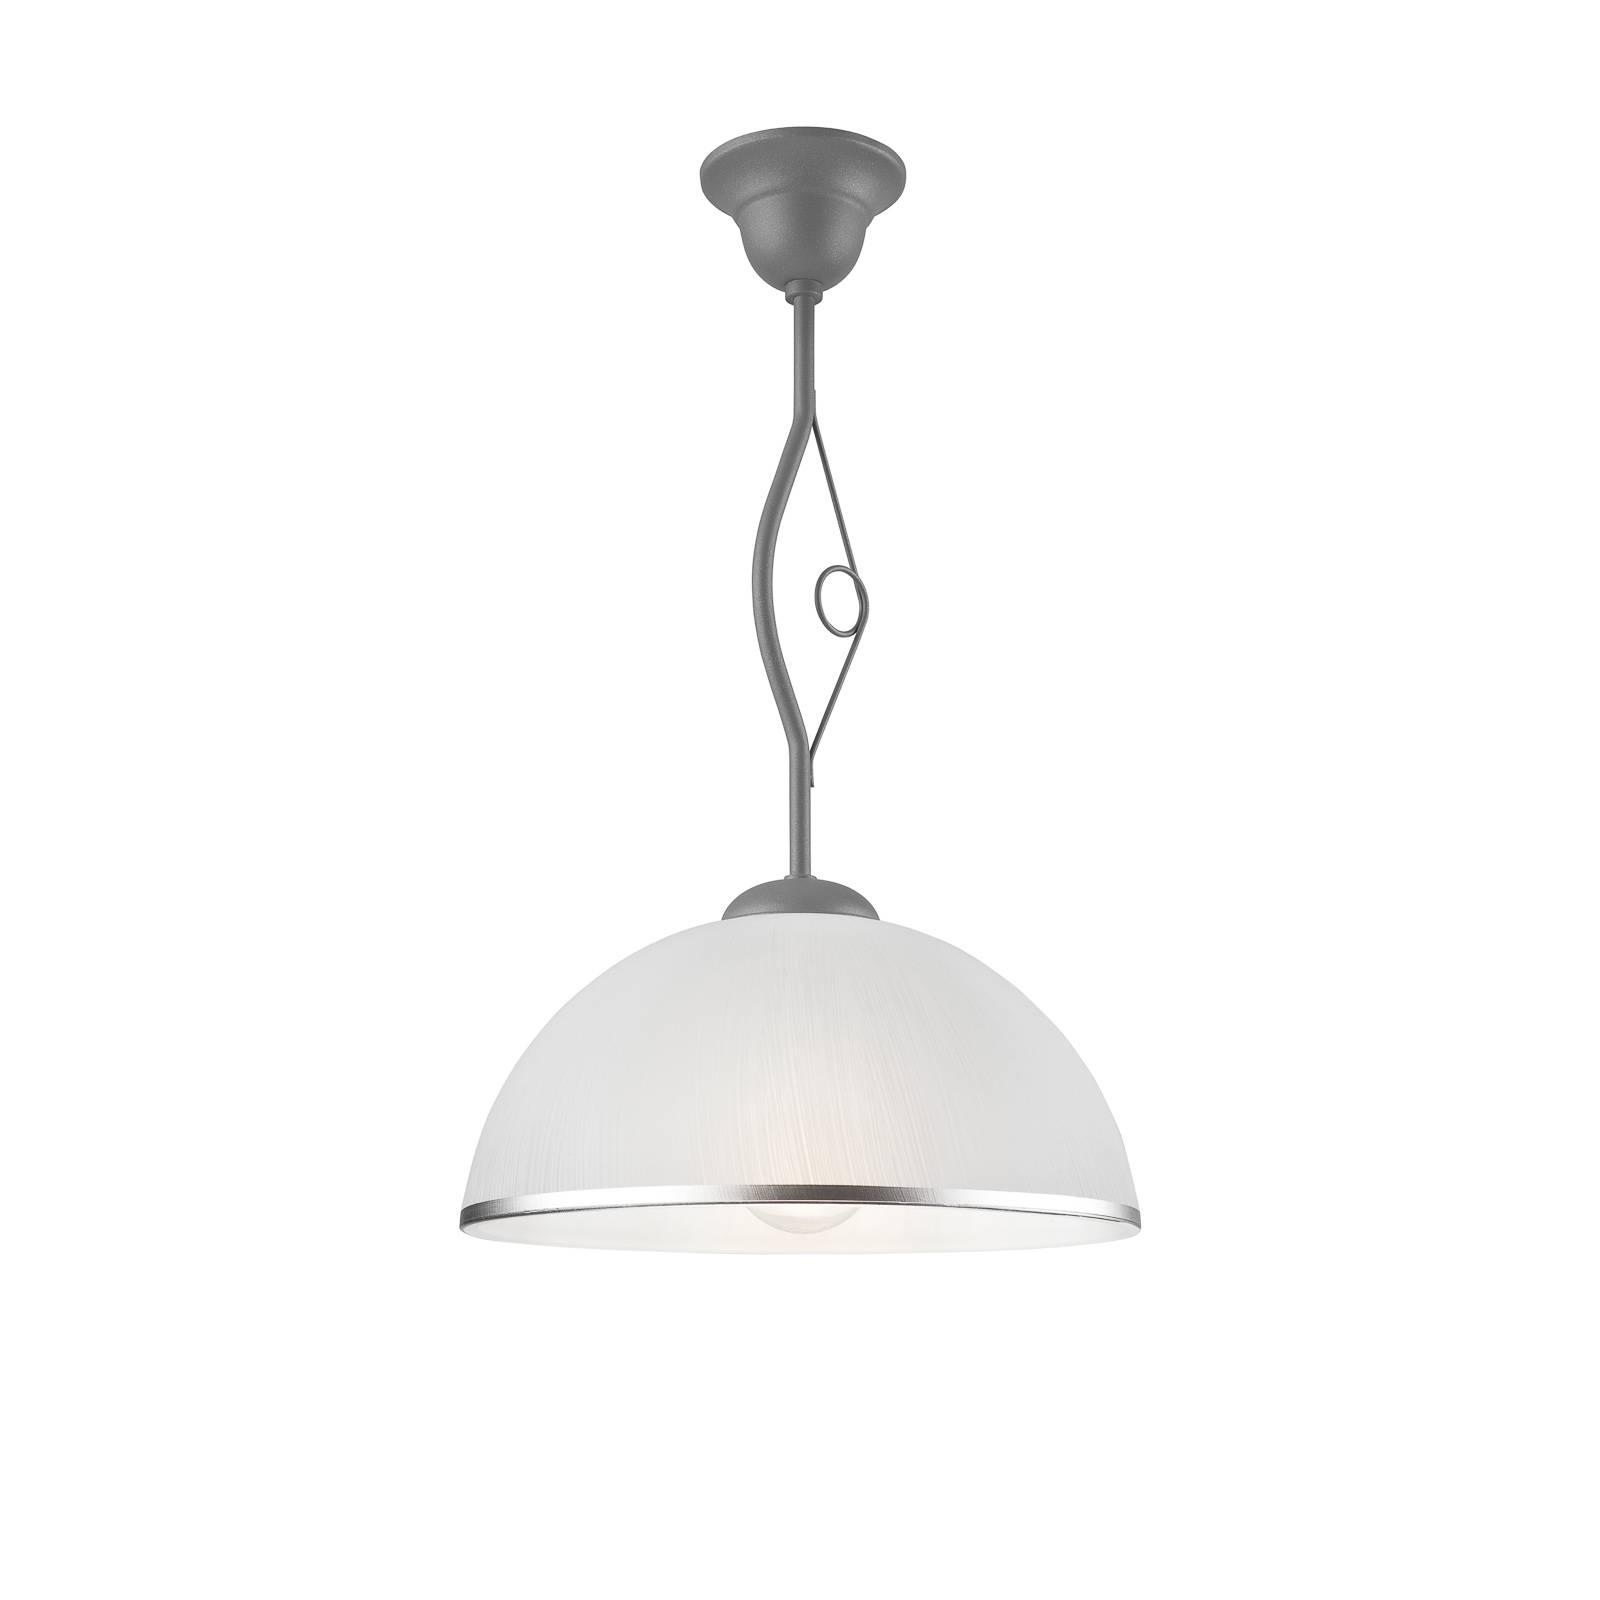 Riippuvalo Roma, valkoinen ja hopea, 1-lamppuinen